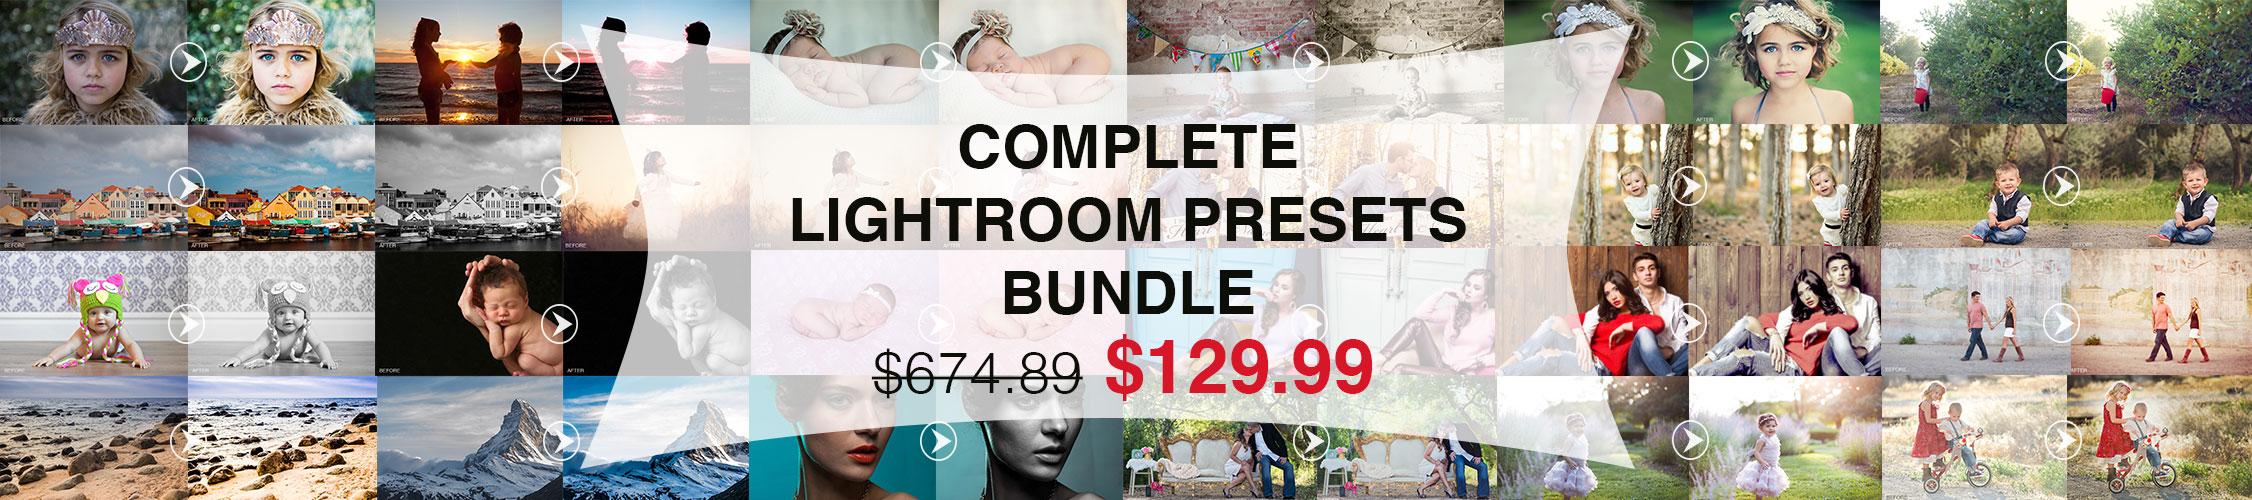 complete-lightroom-presets-banner3